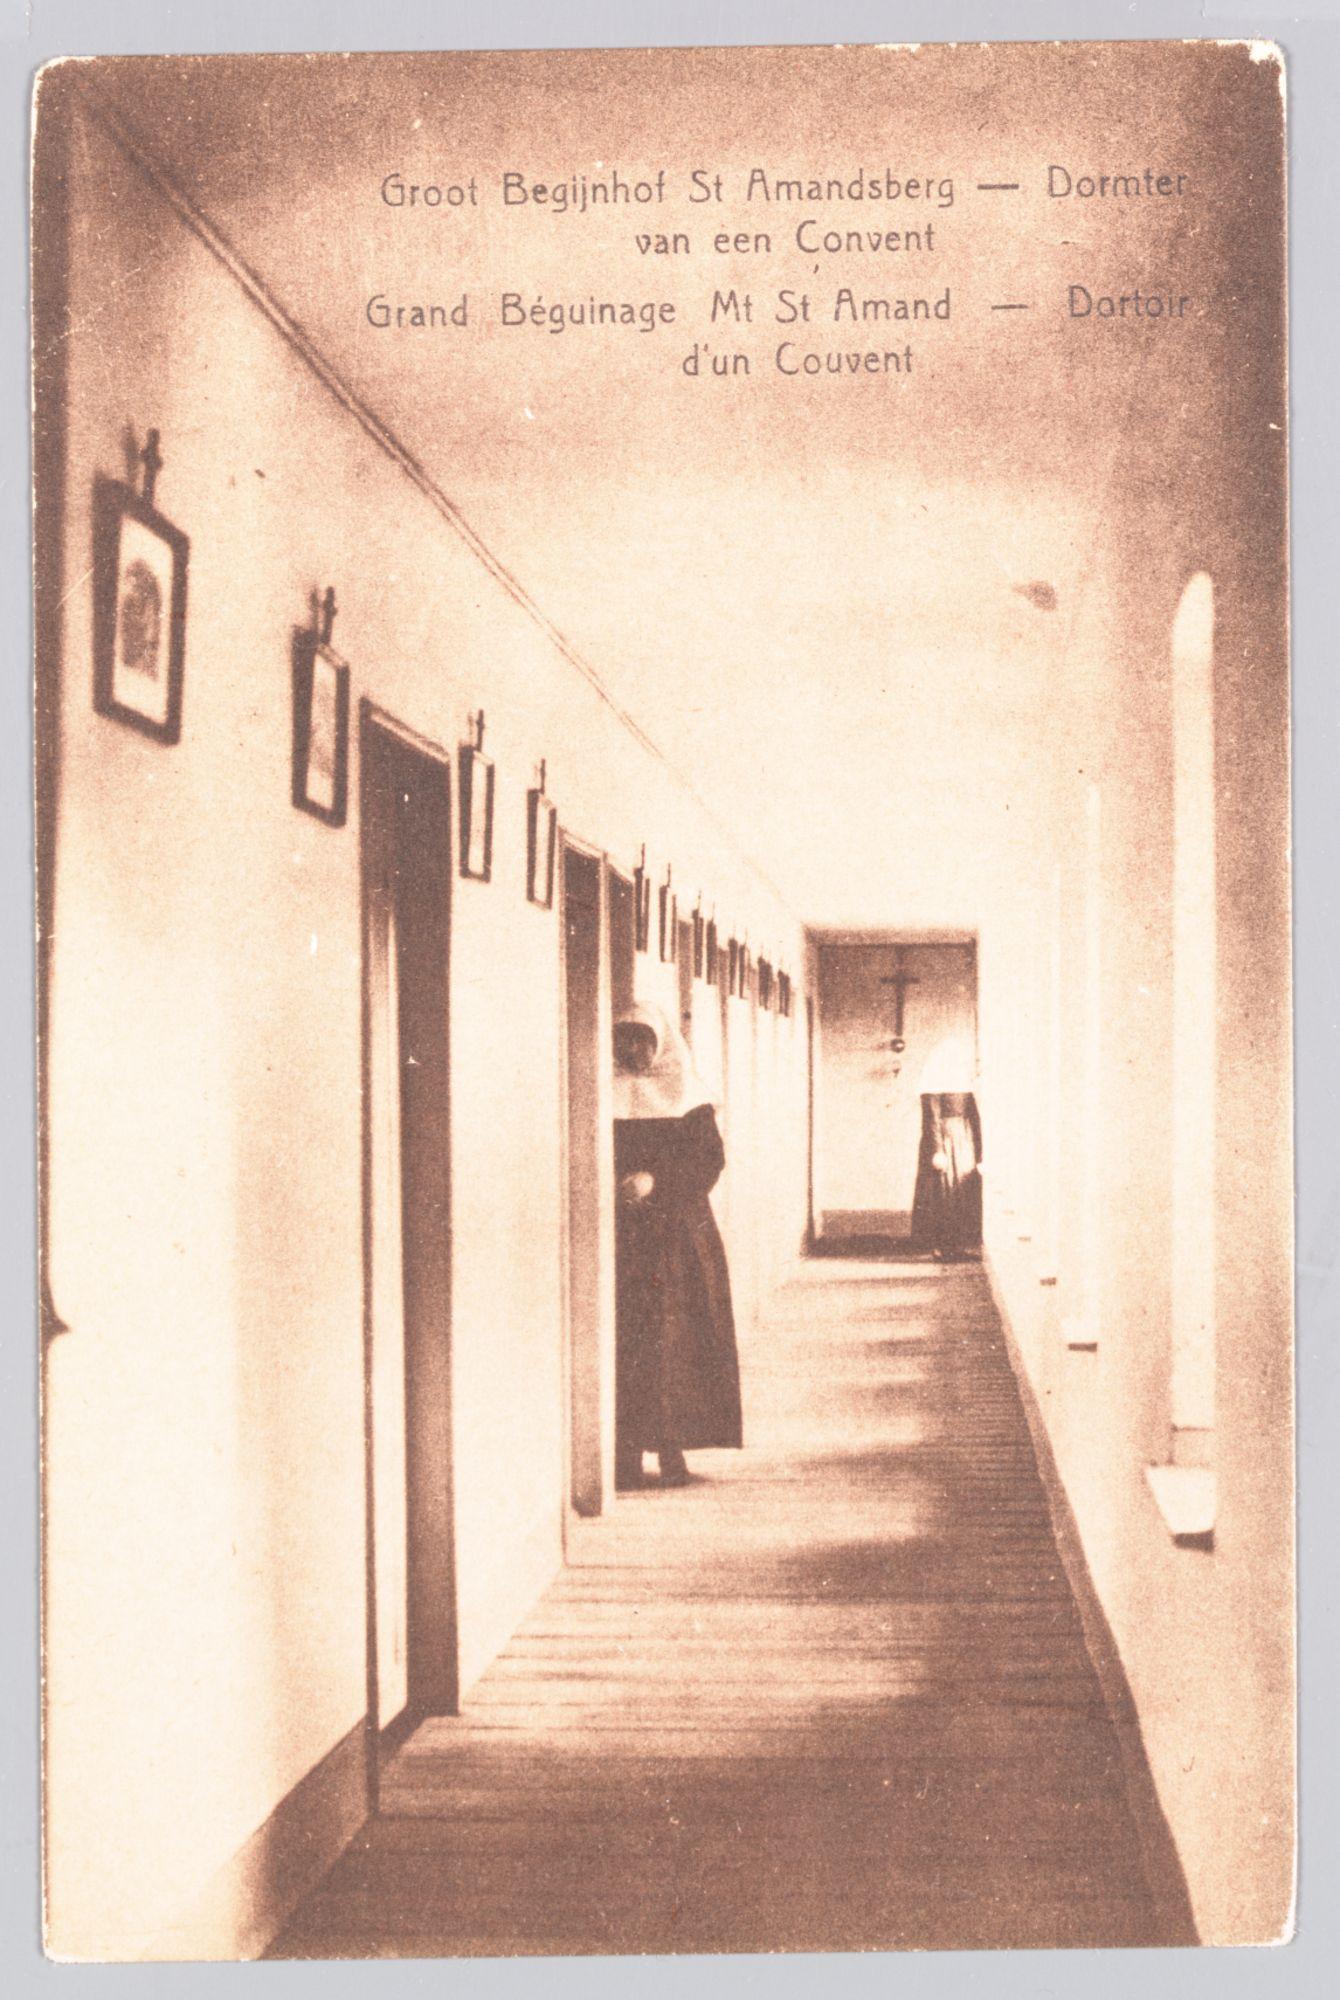 Sint-Amandsberg: Groot Begijnhof: slaapkamers in een convent